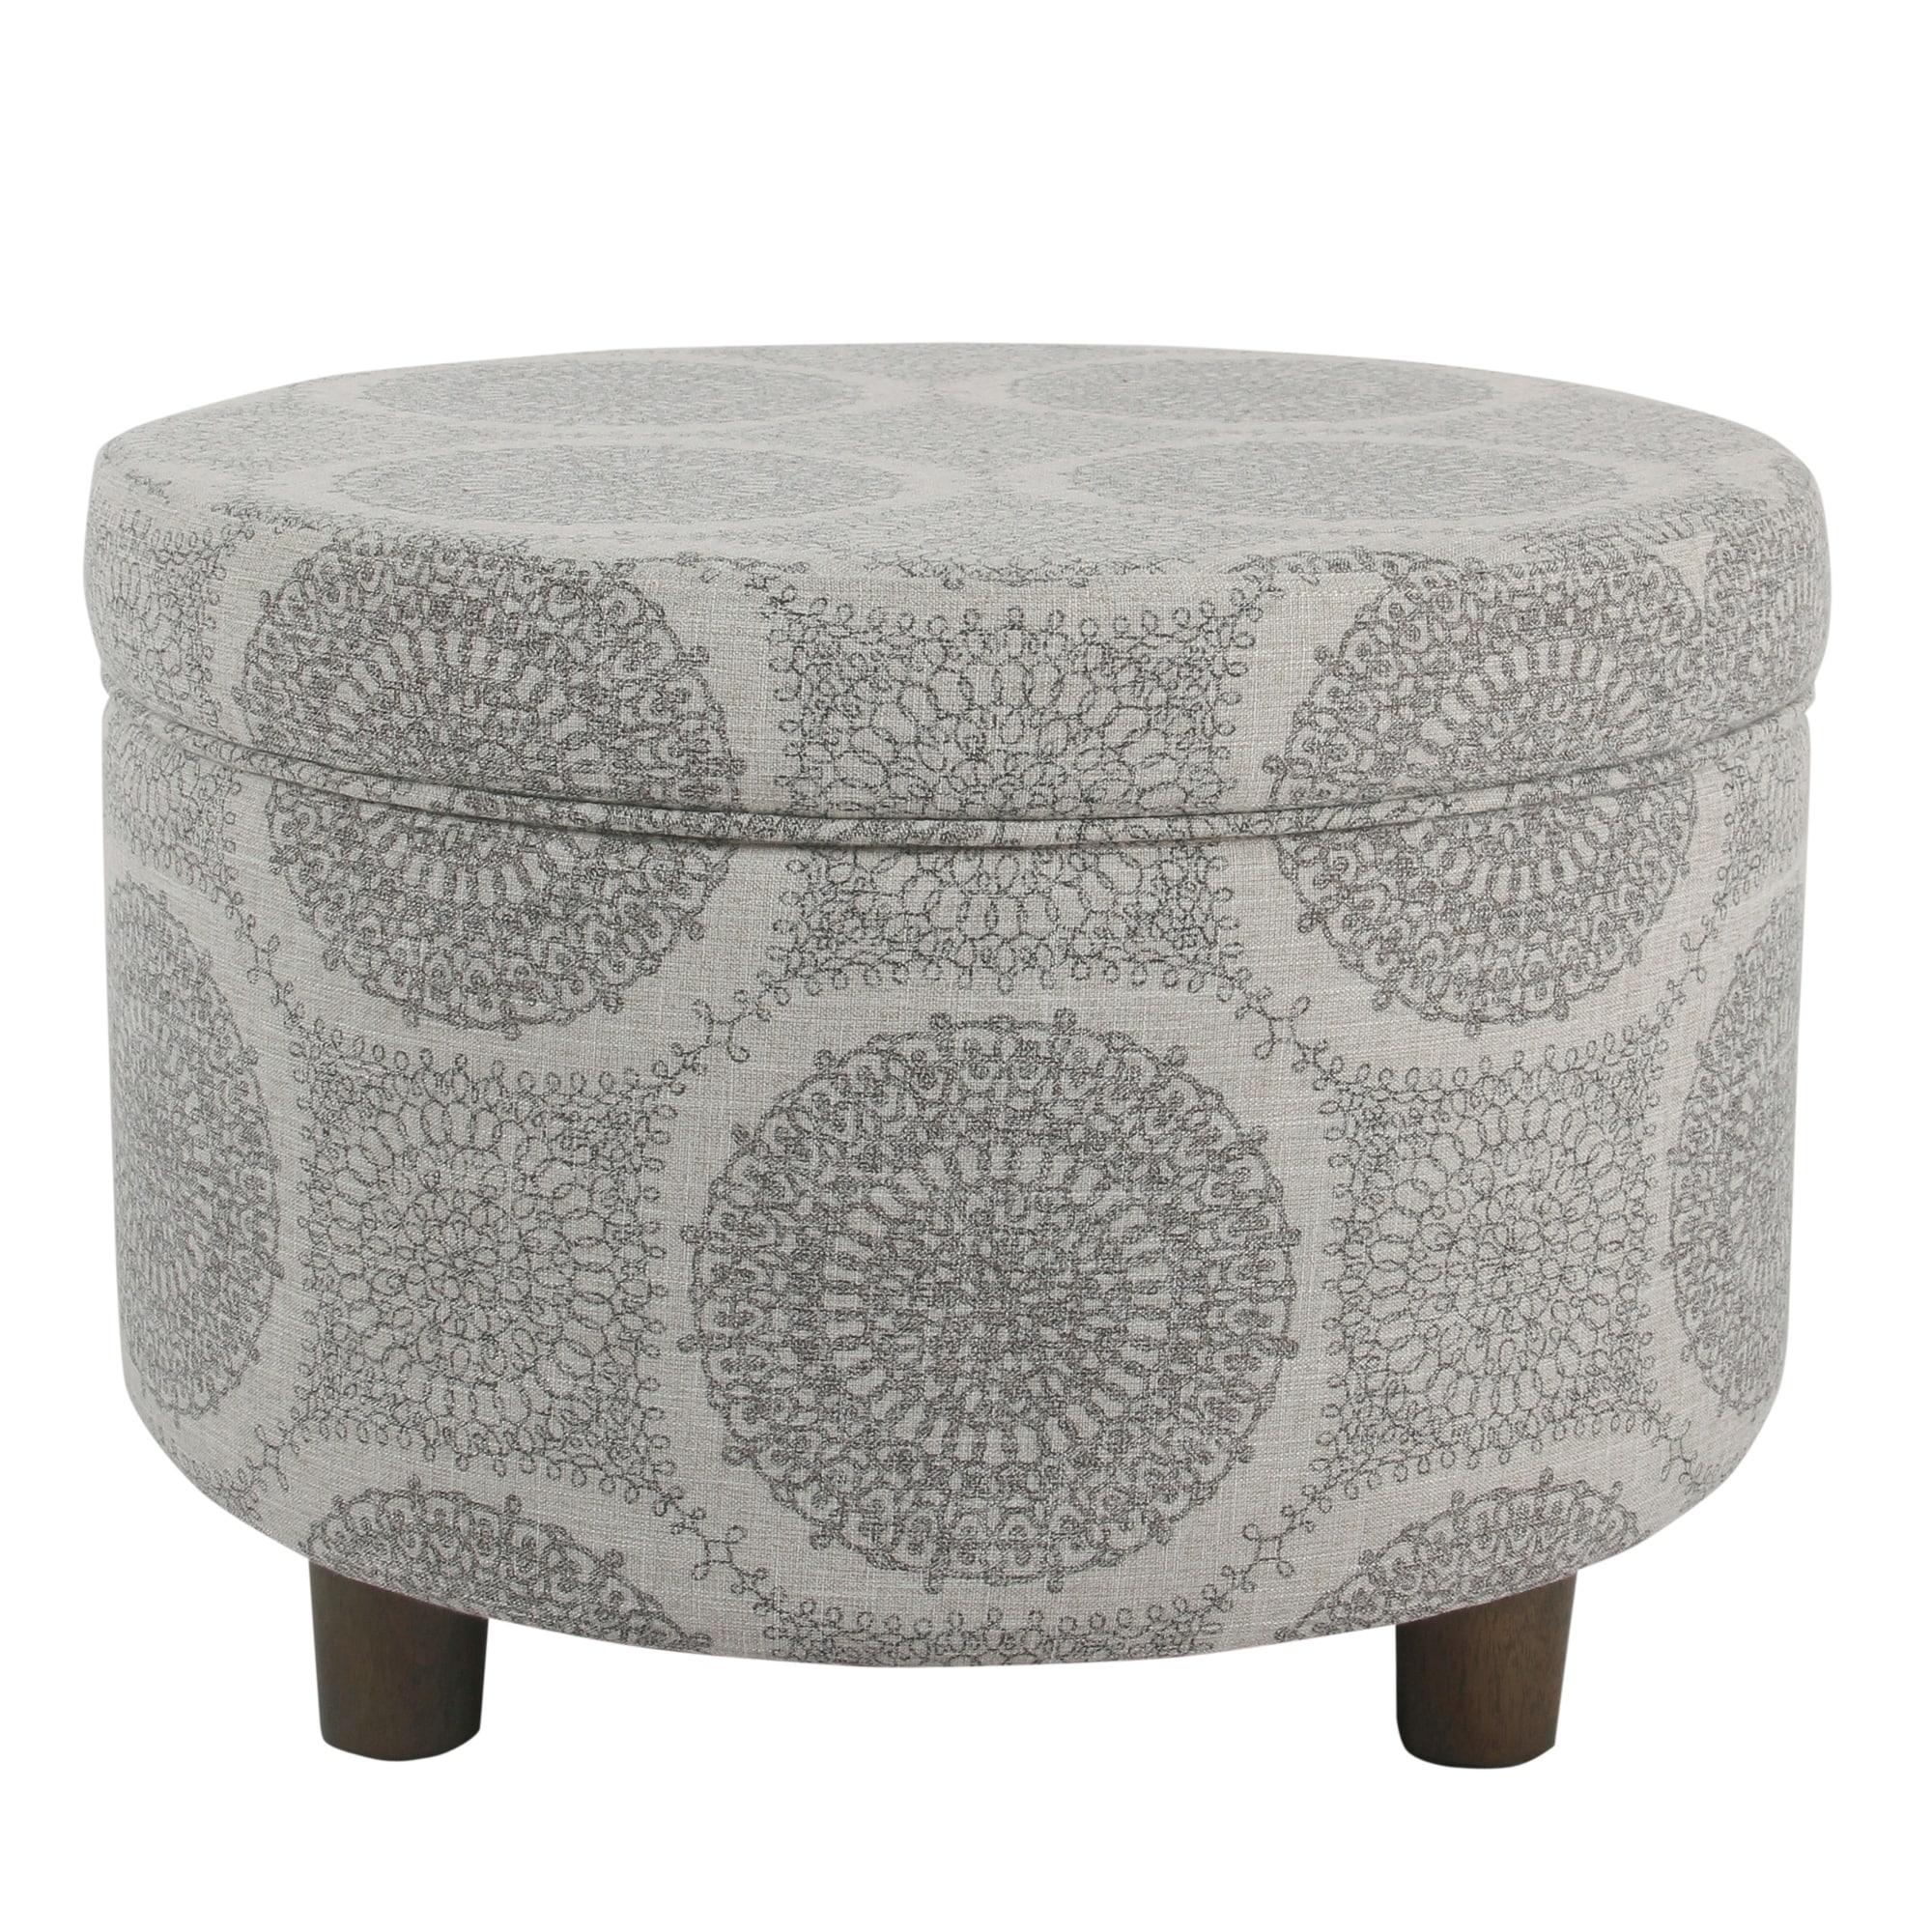 Excellent Buy Pattern Ottomans Storage Ottomans Online At Overstock Uwap Interior Chair Design Uwaporg